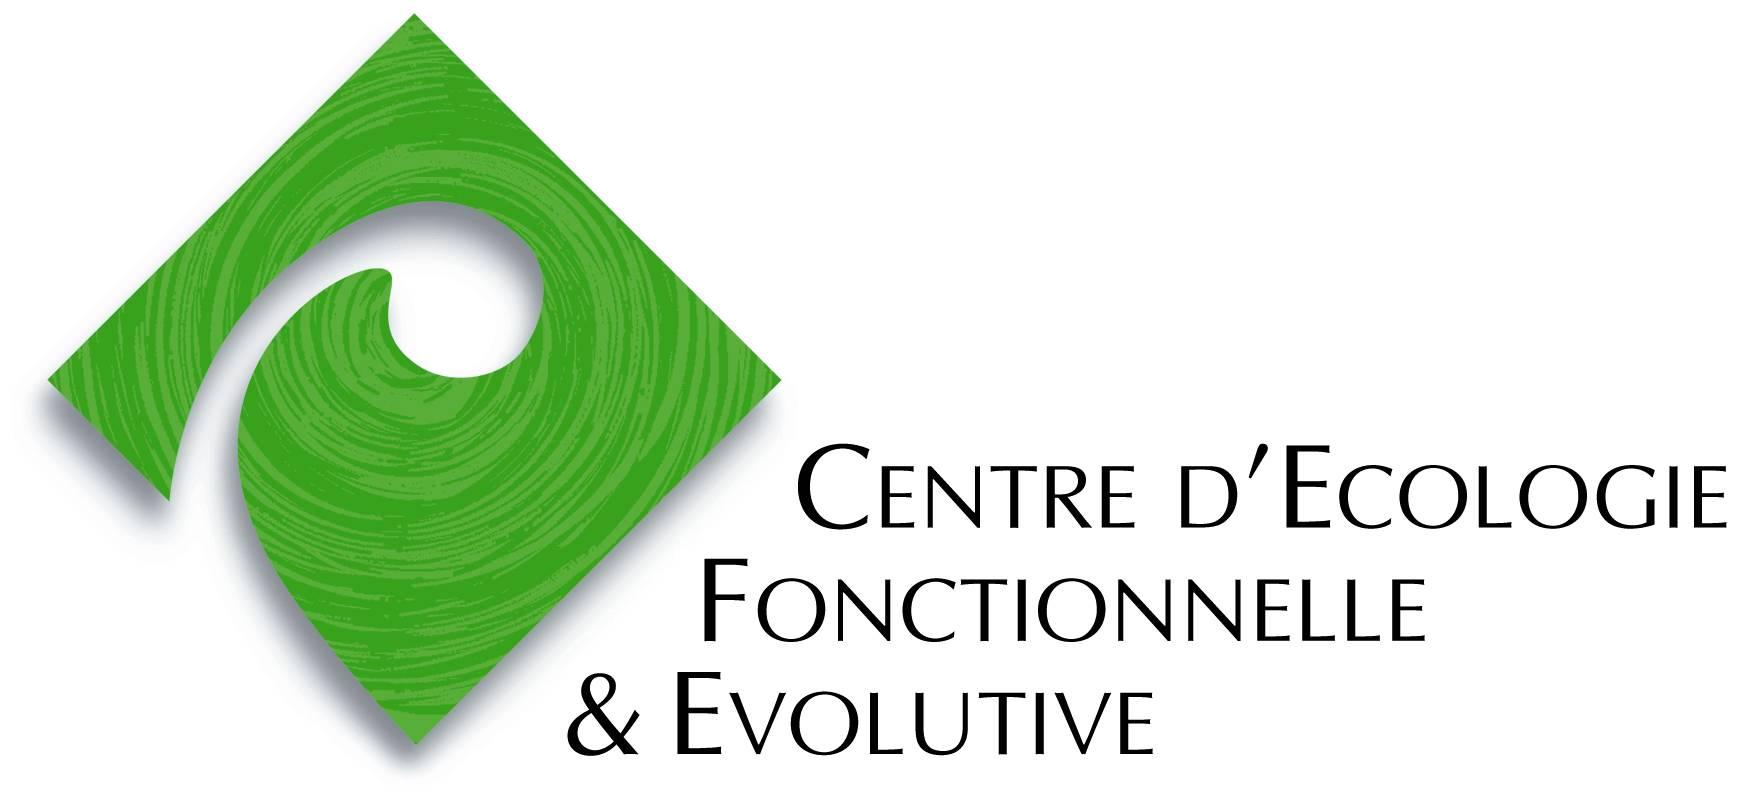 Centre d'écologie fonctionnelle et évolutive